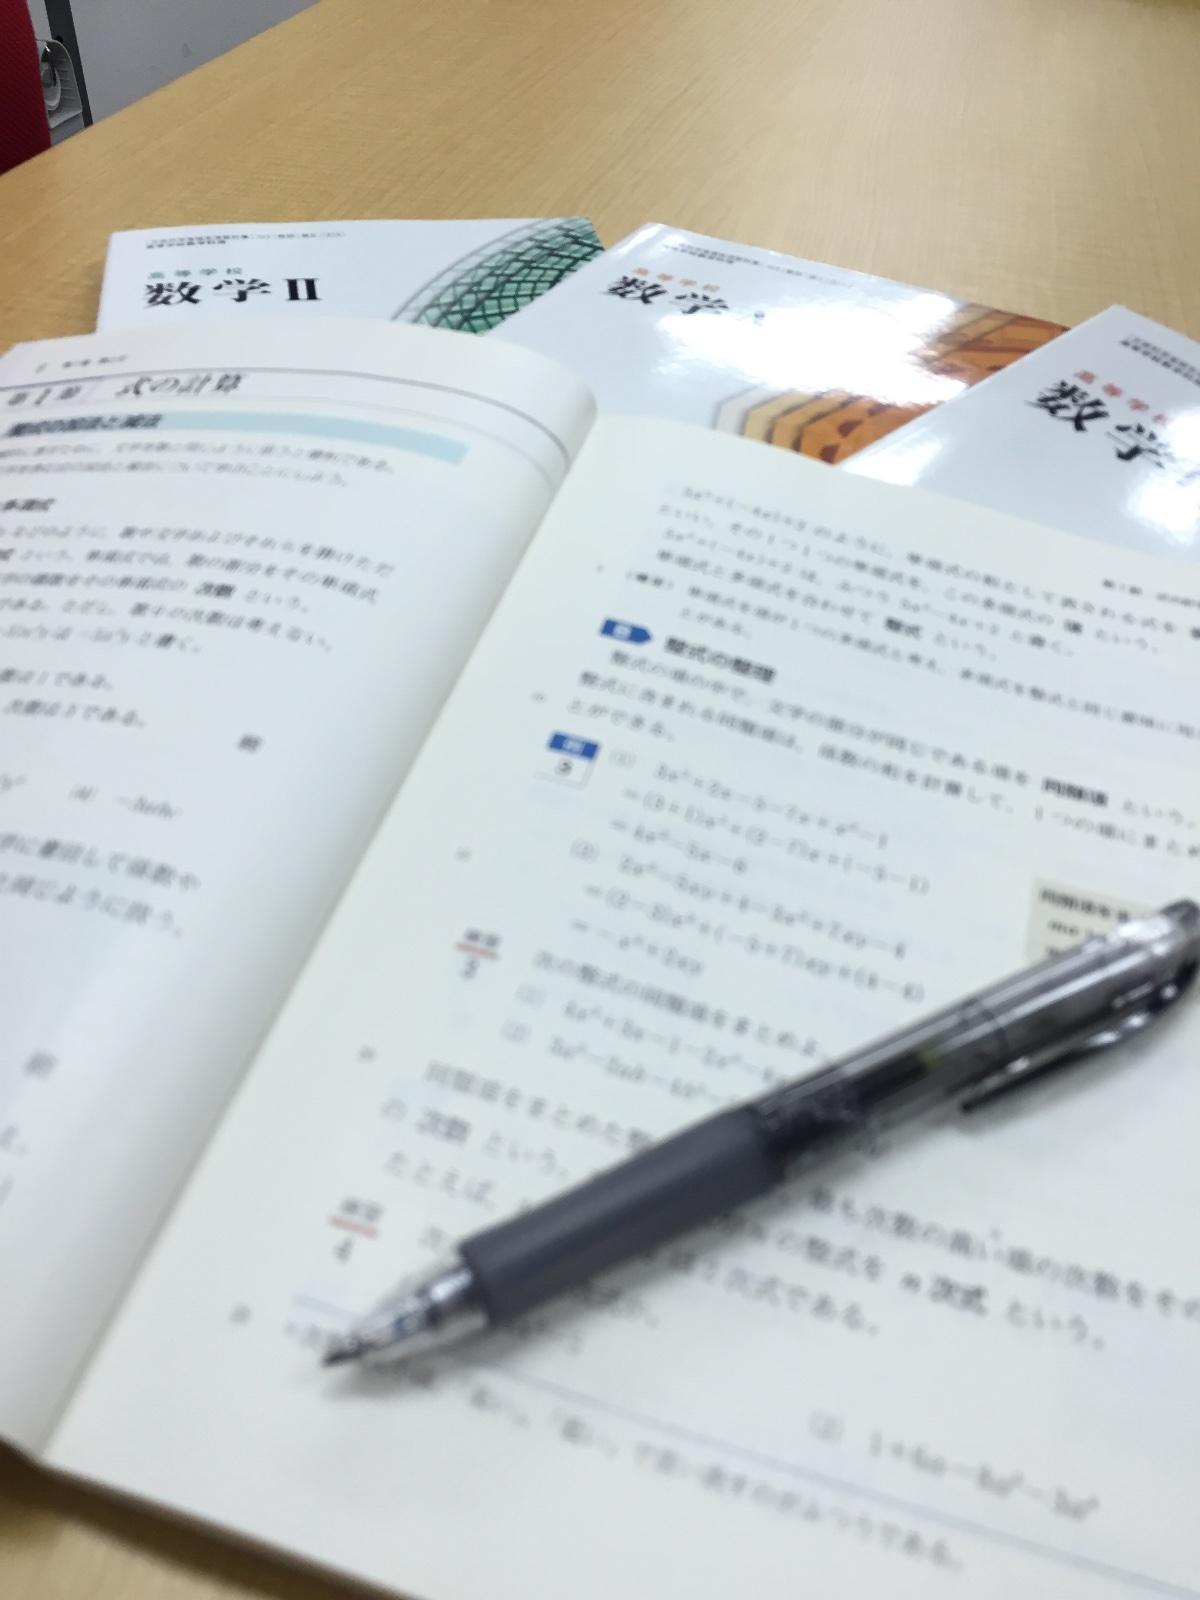 数学の勉強のスタートはこれ!